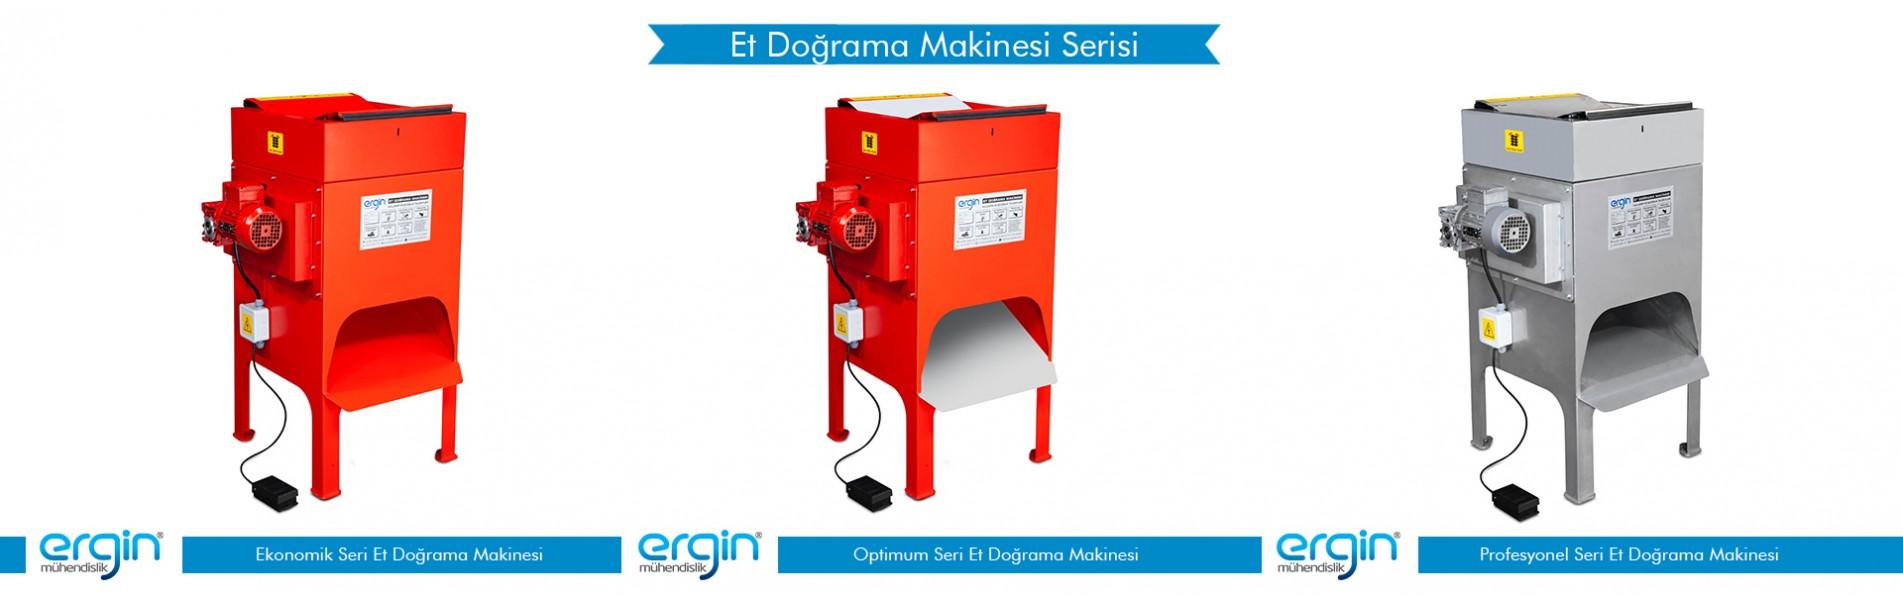 Et Doğrama Makinesi Serisi